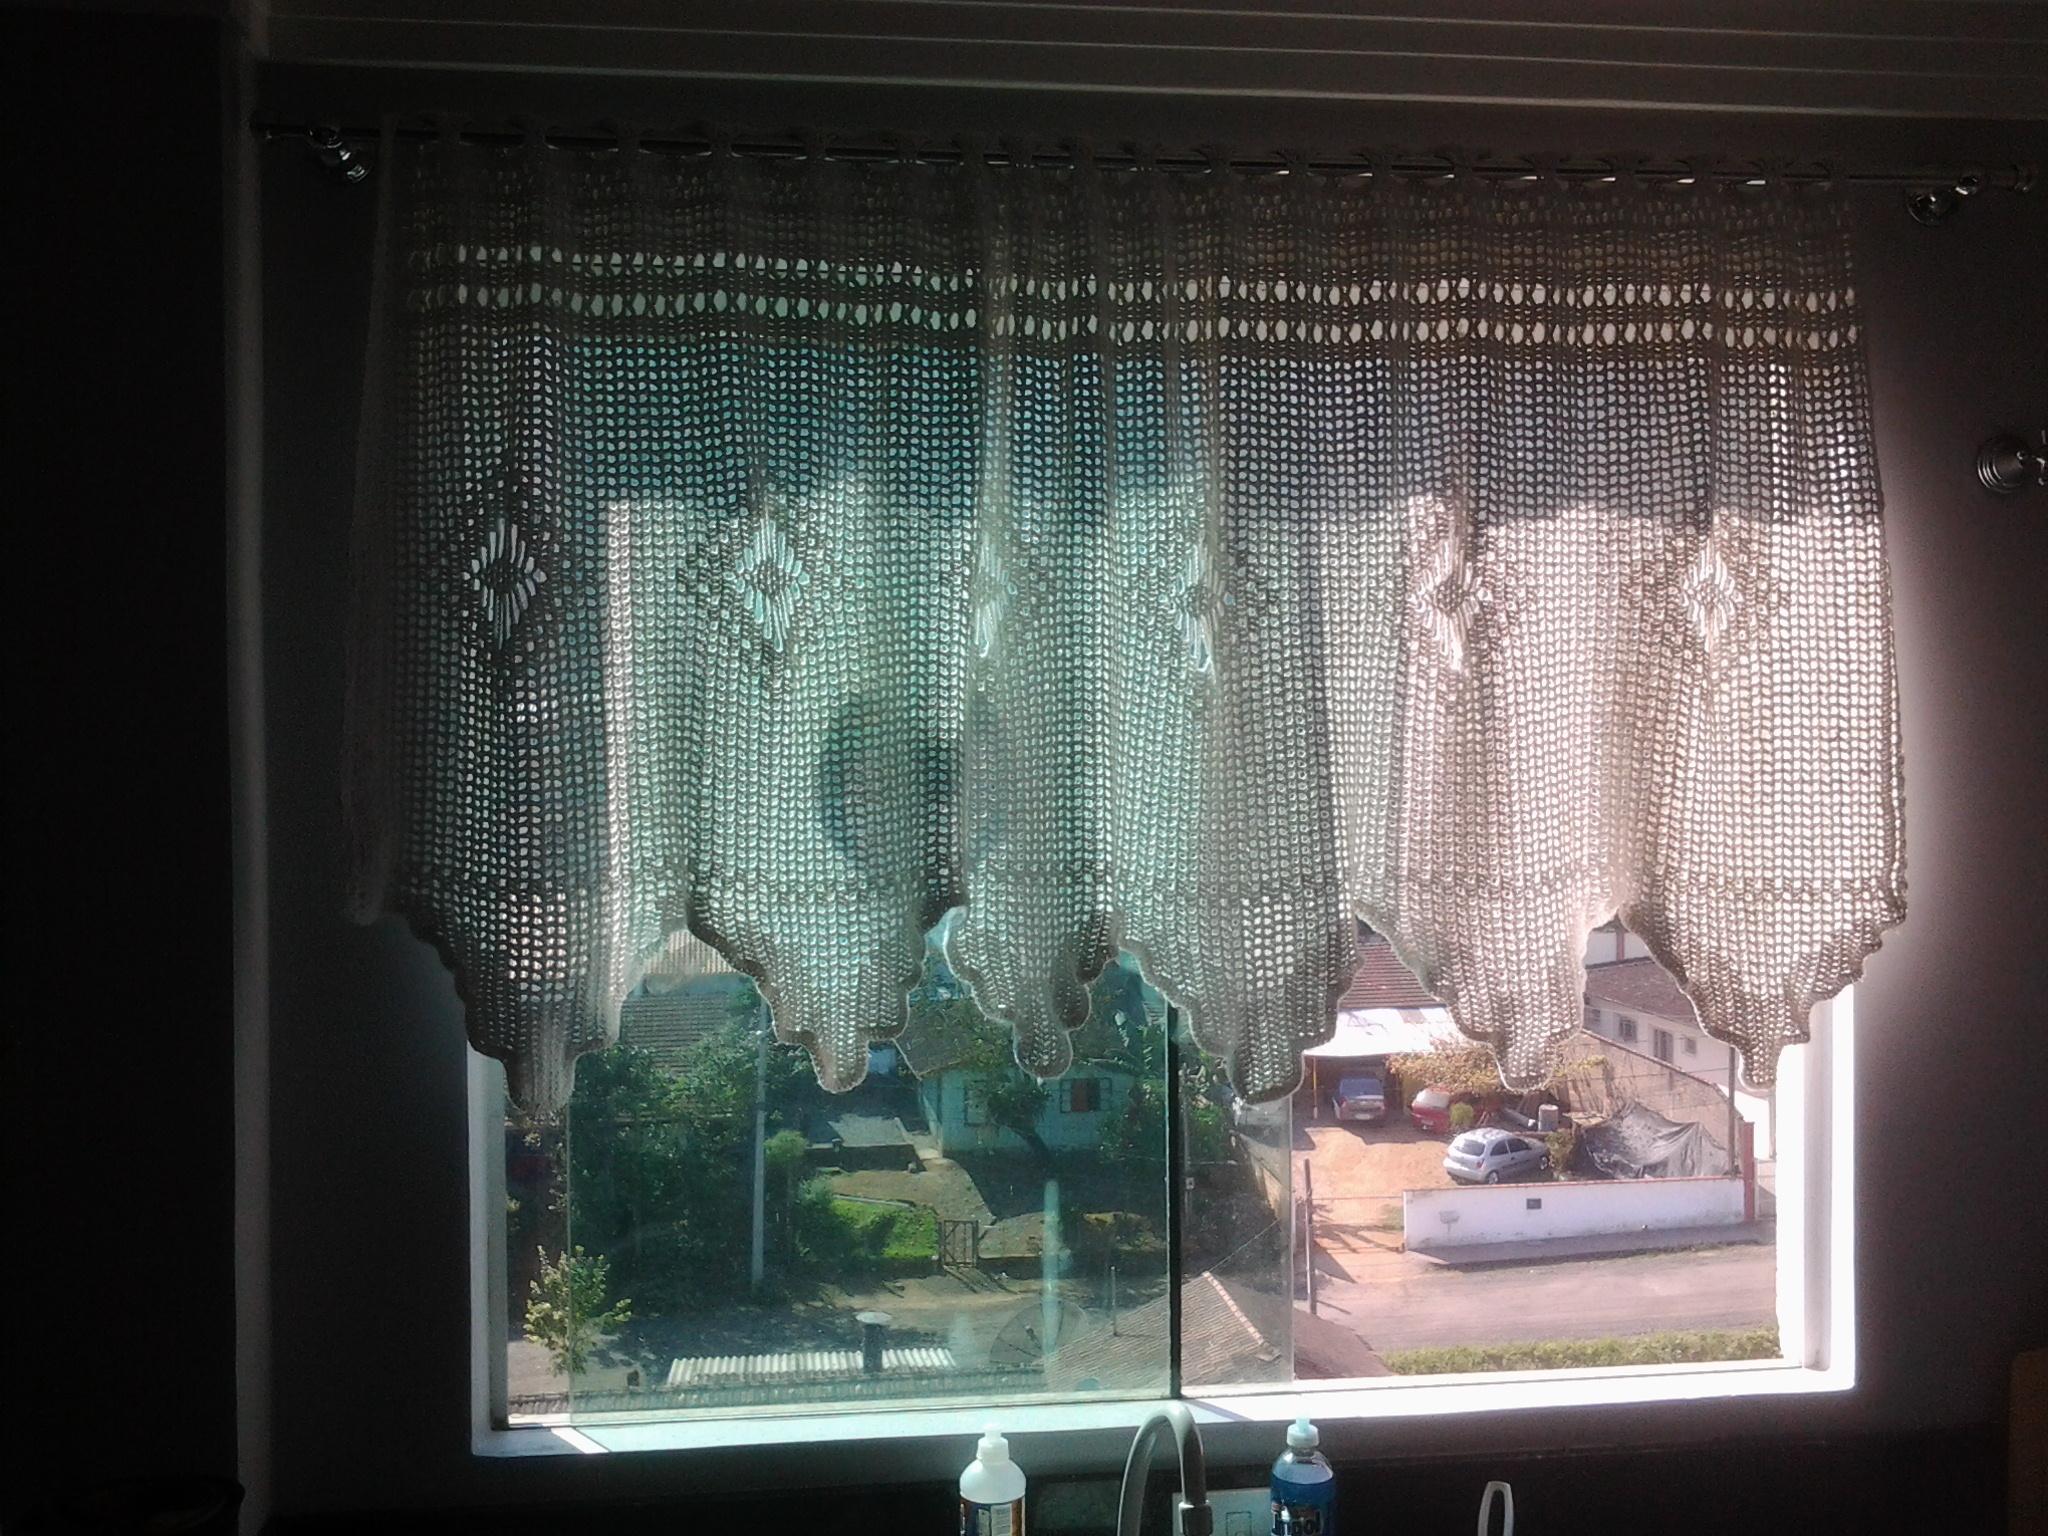 Cortina de crochê altura meia janela Sonho de Casa Elo7 #795E52 2048 1536